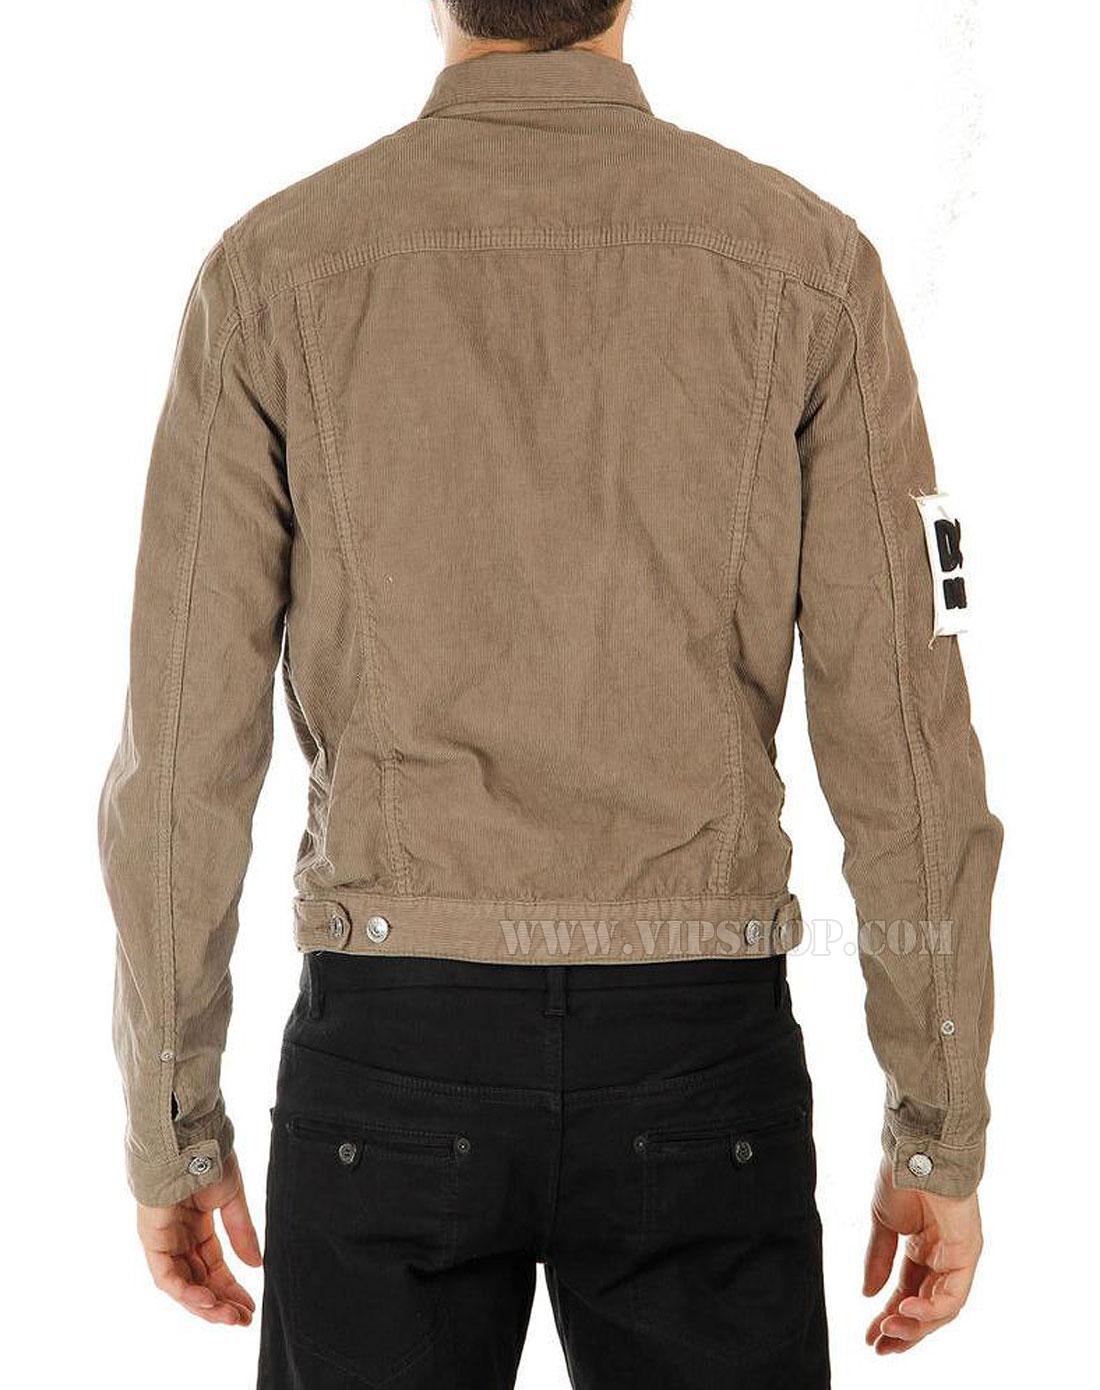 浅棕色外套搭配图片